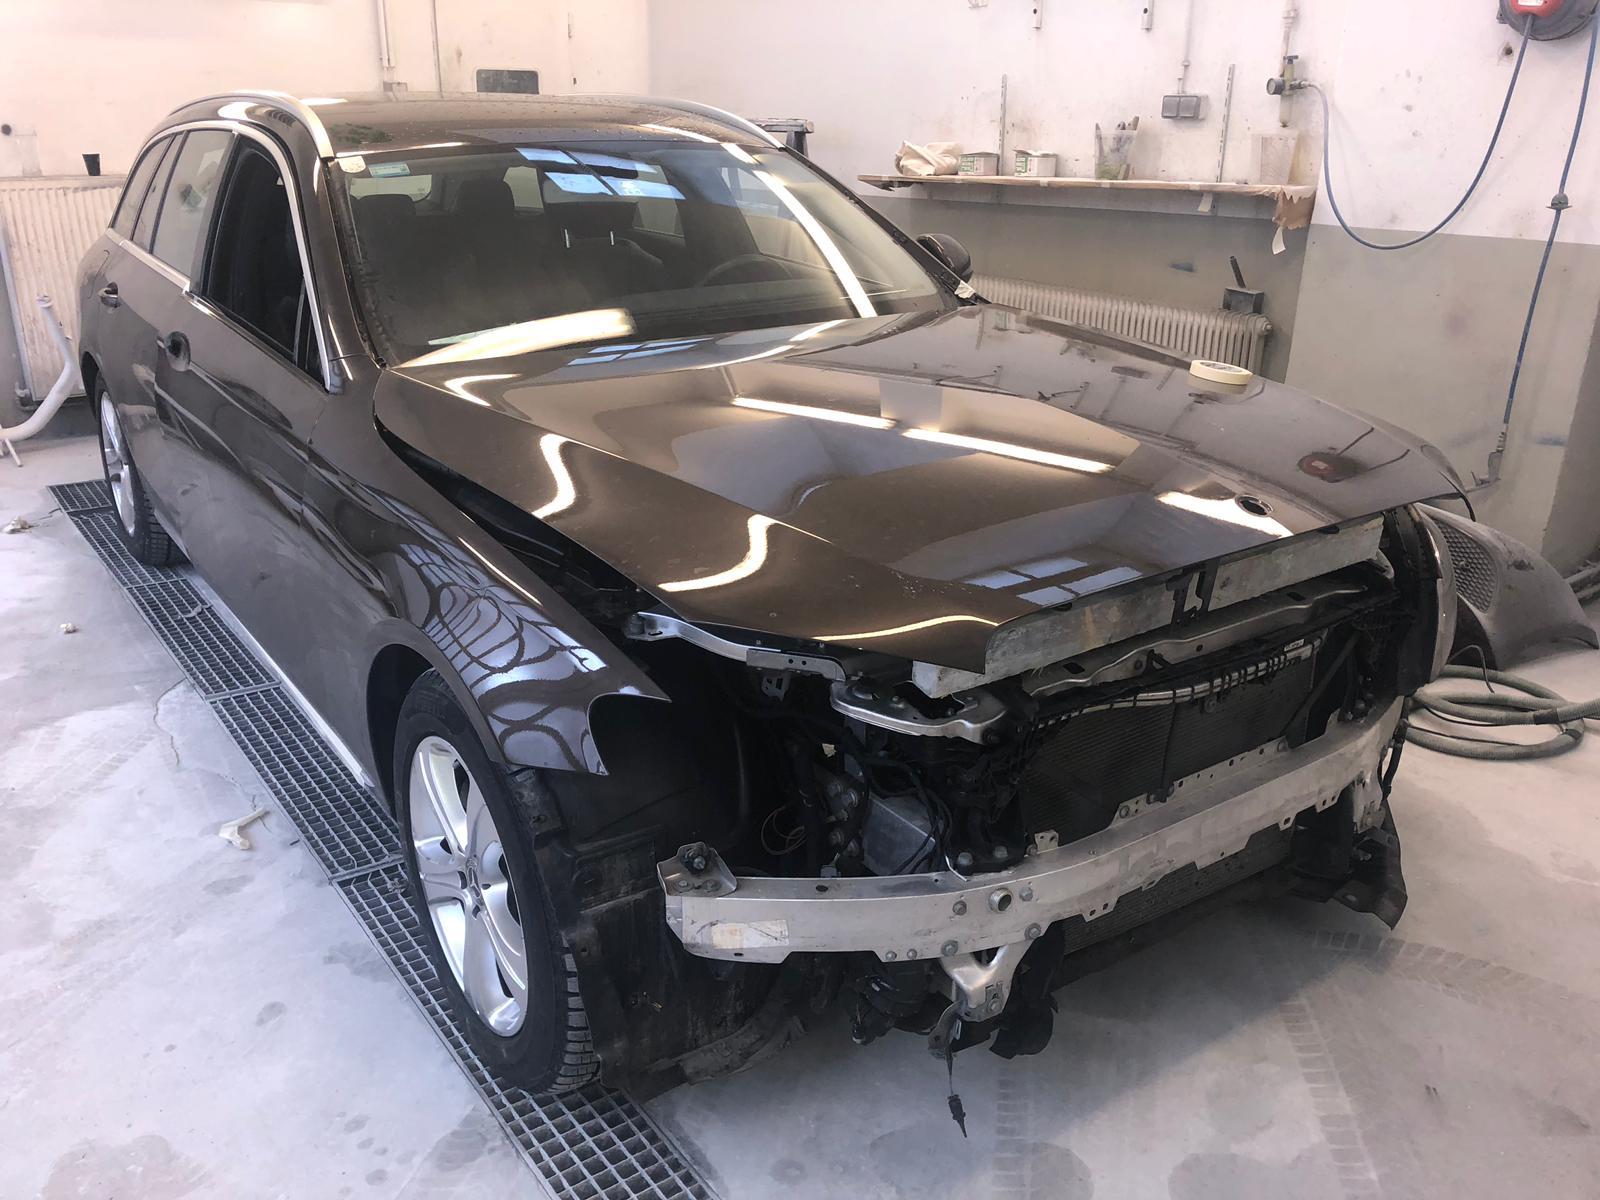 Mercedes Benz E-Klasse Frontschaden